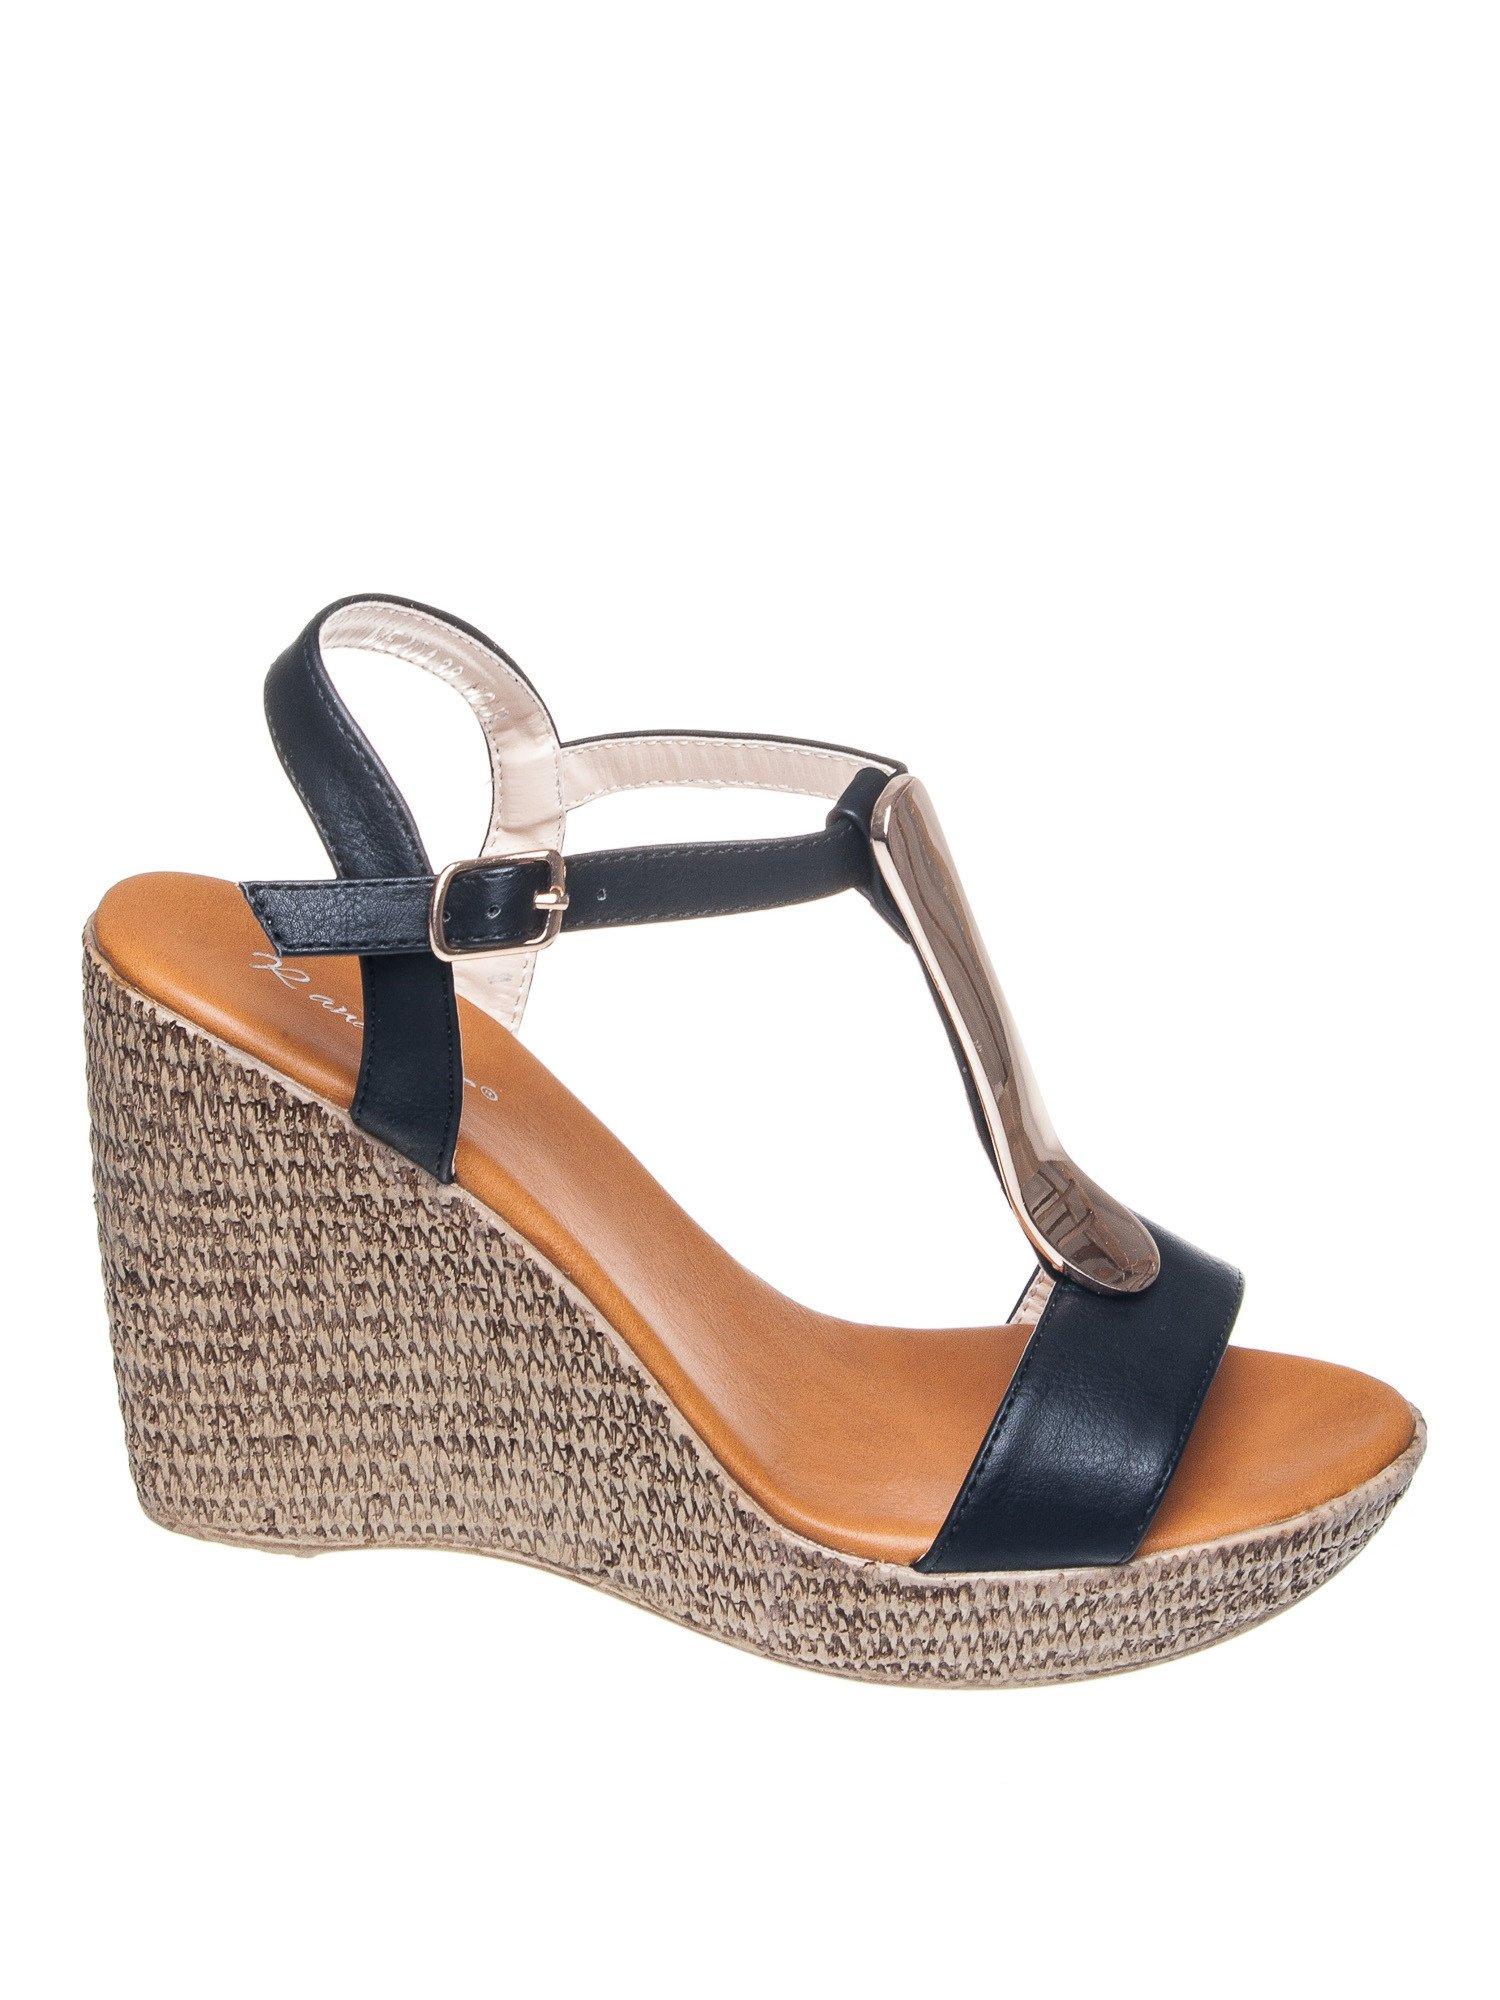 Czarne letnie sandały t-bary na koturnie                                  zdj.                                  1